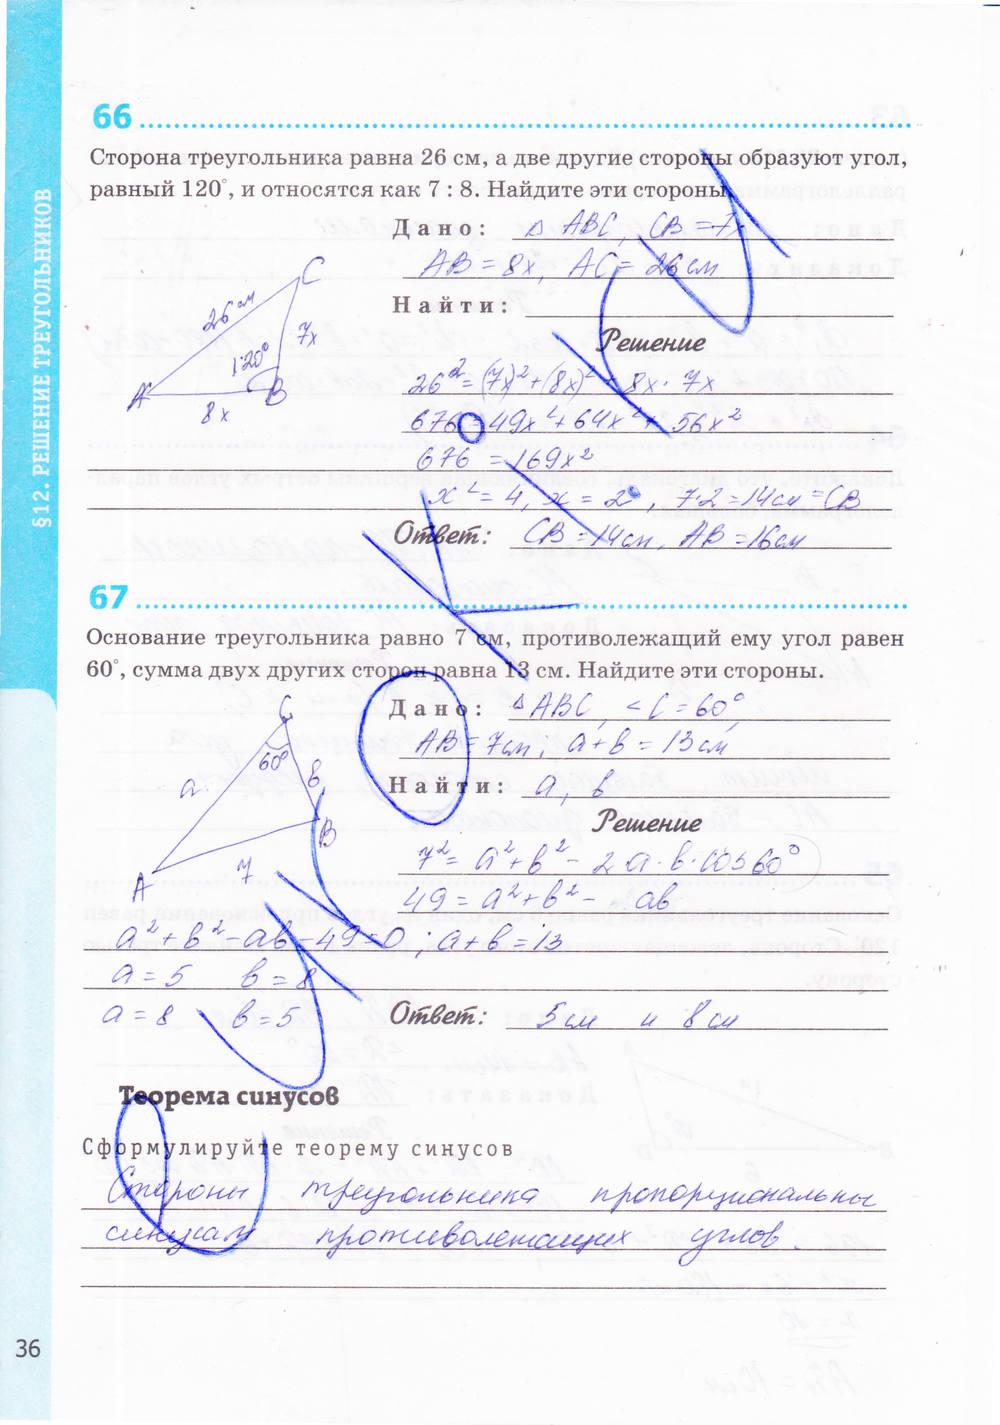 геометрия 9 класс мищенко гдз тематические тесты ответы